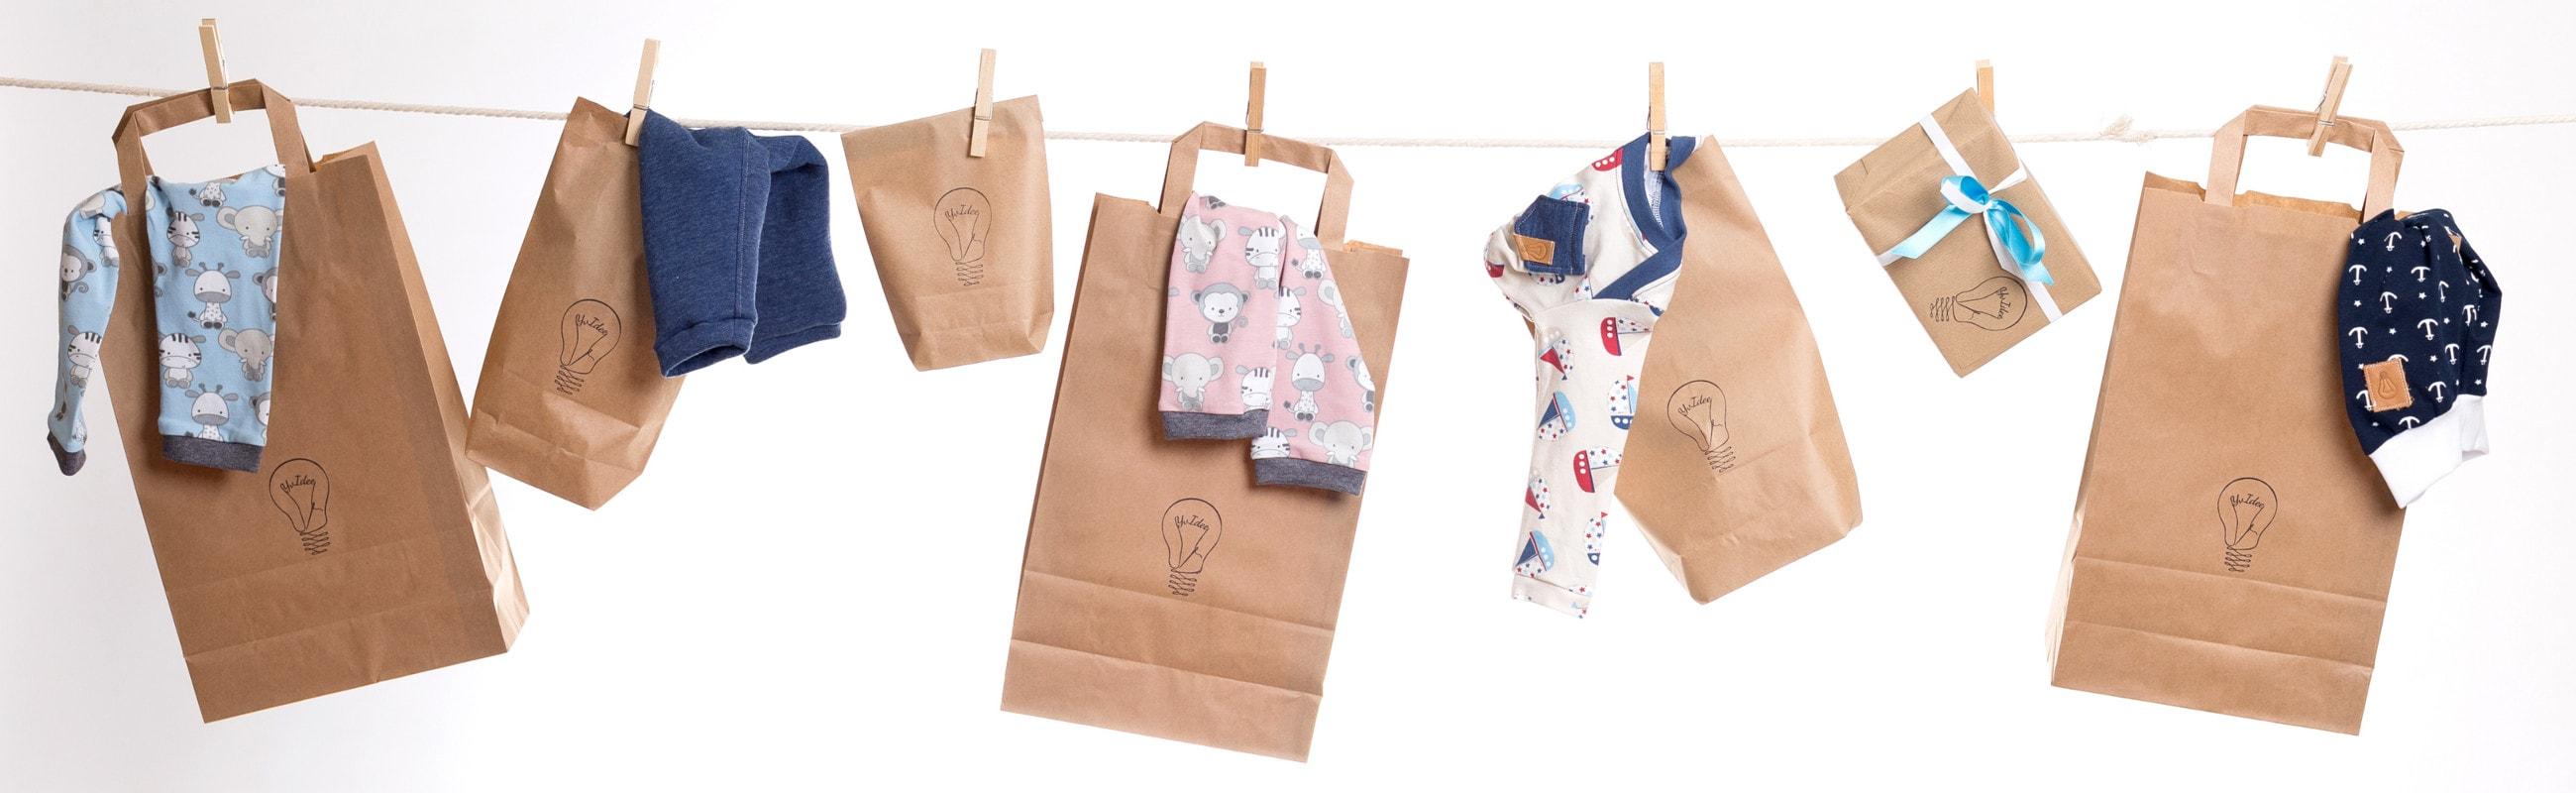 Einkaufstüten mit verschiedener Babykleidung